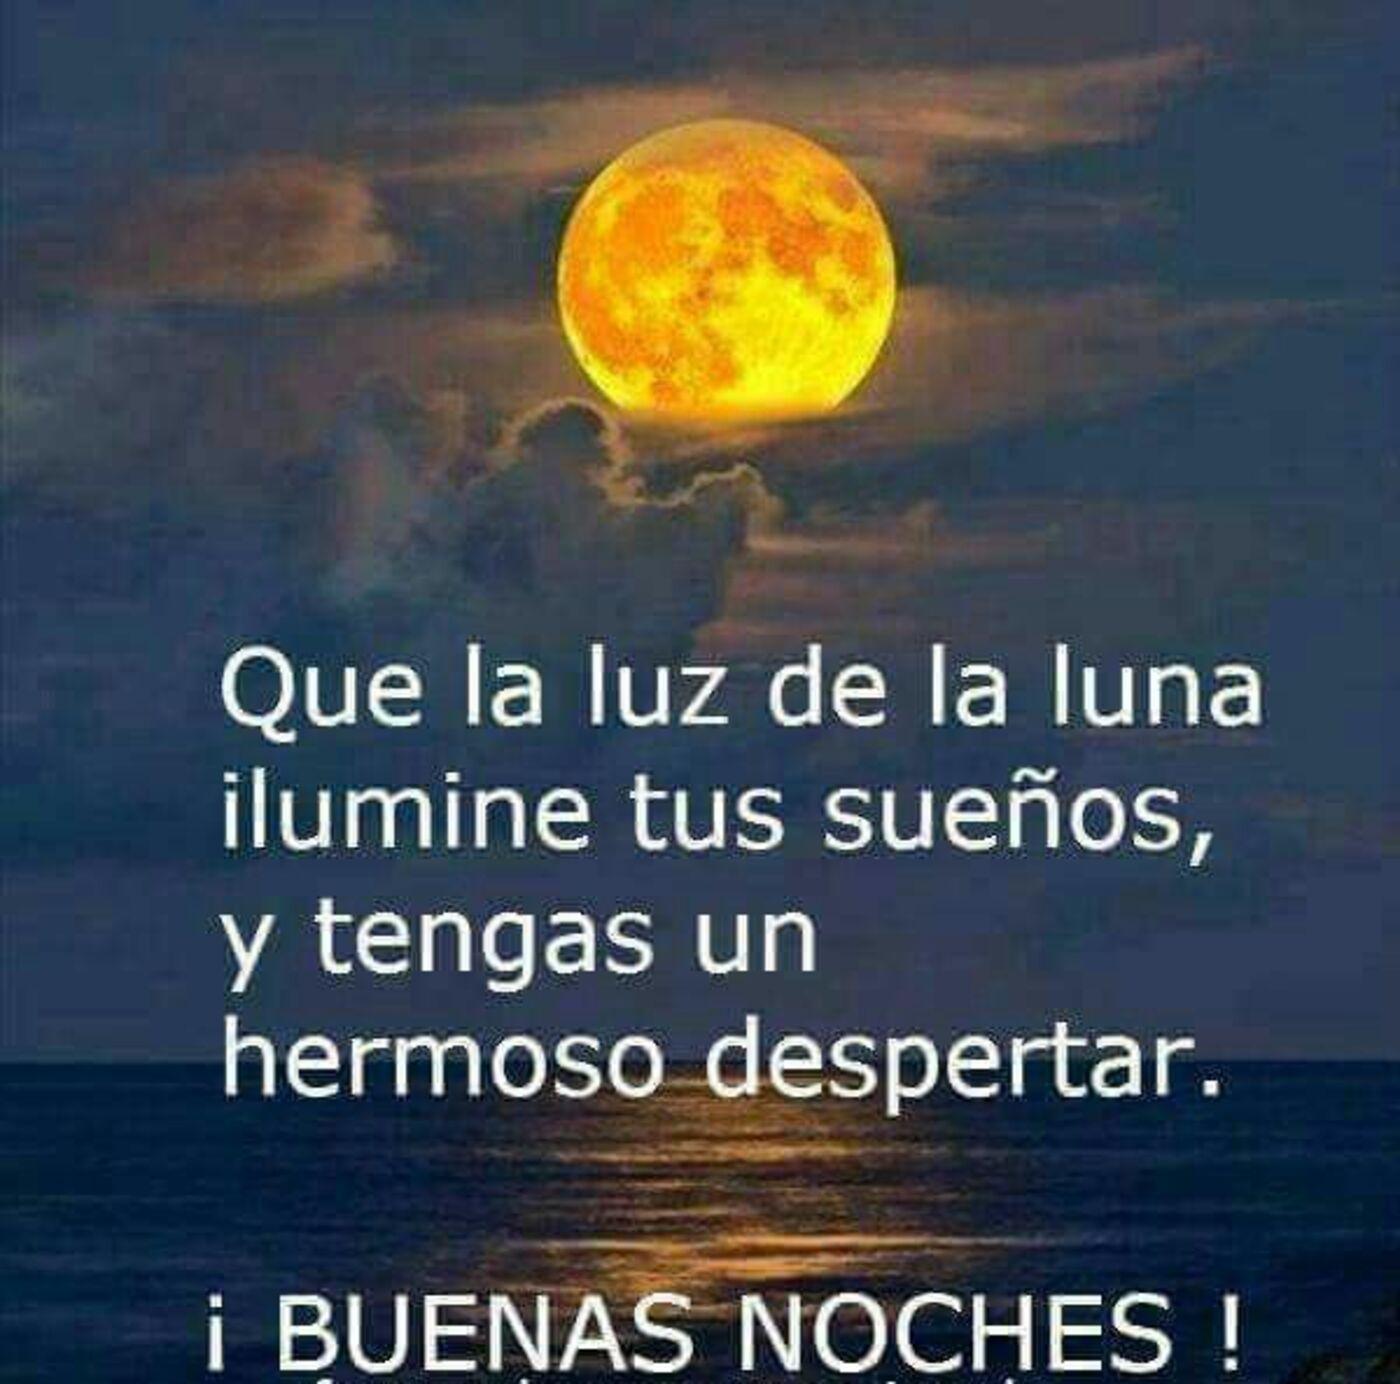 Que la luz de la luna ilumine tus sueños, y tengas un hermoso despertar. Buenas noches!